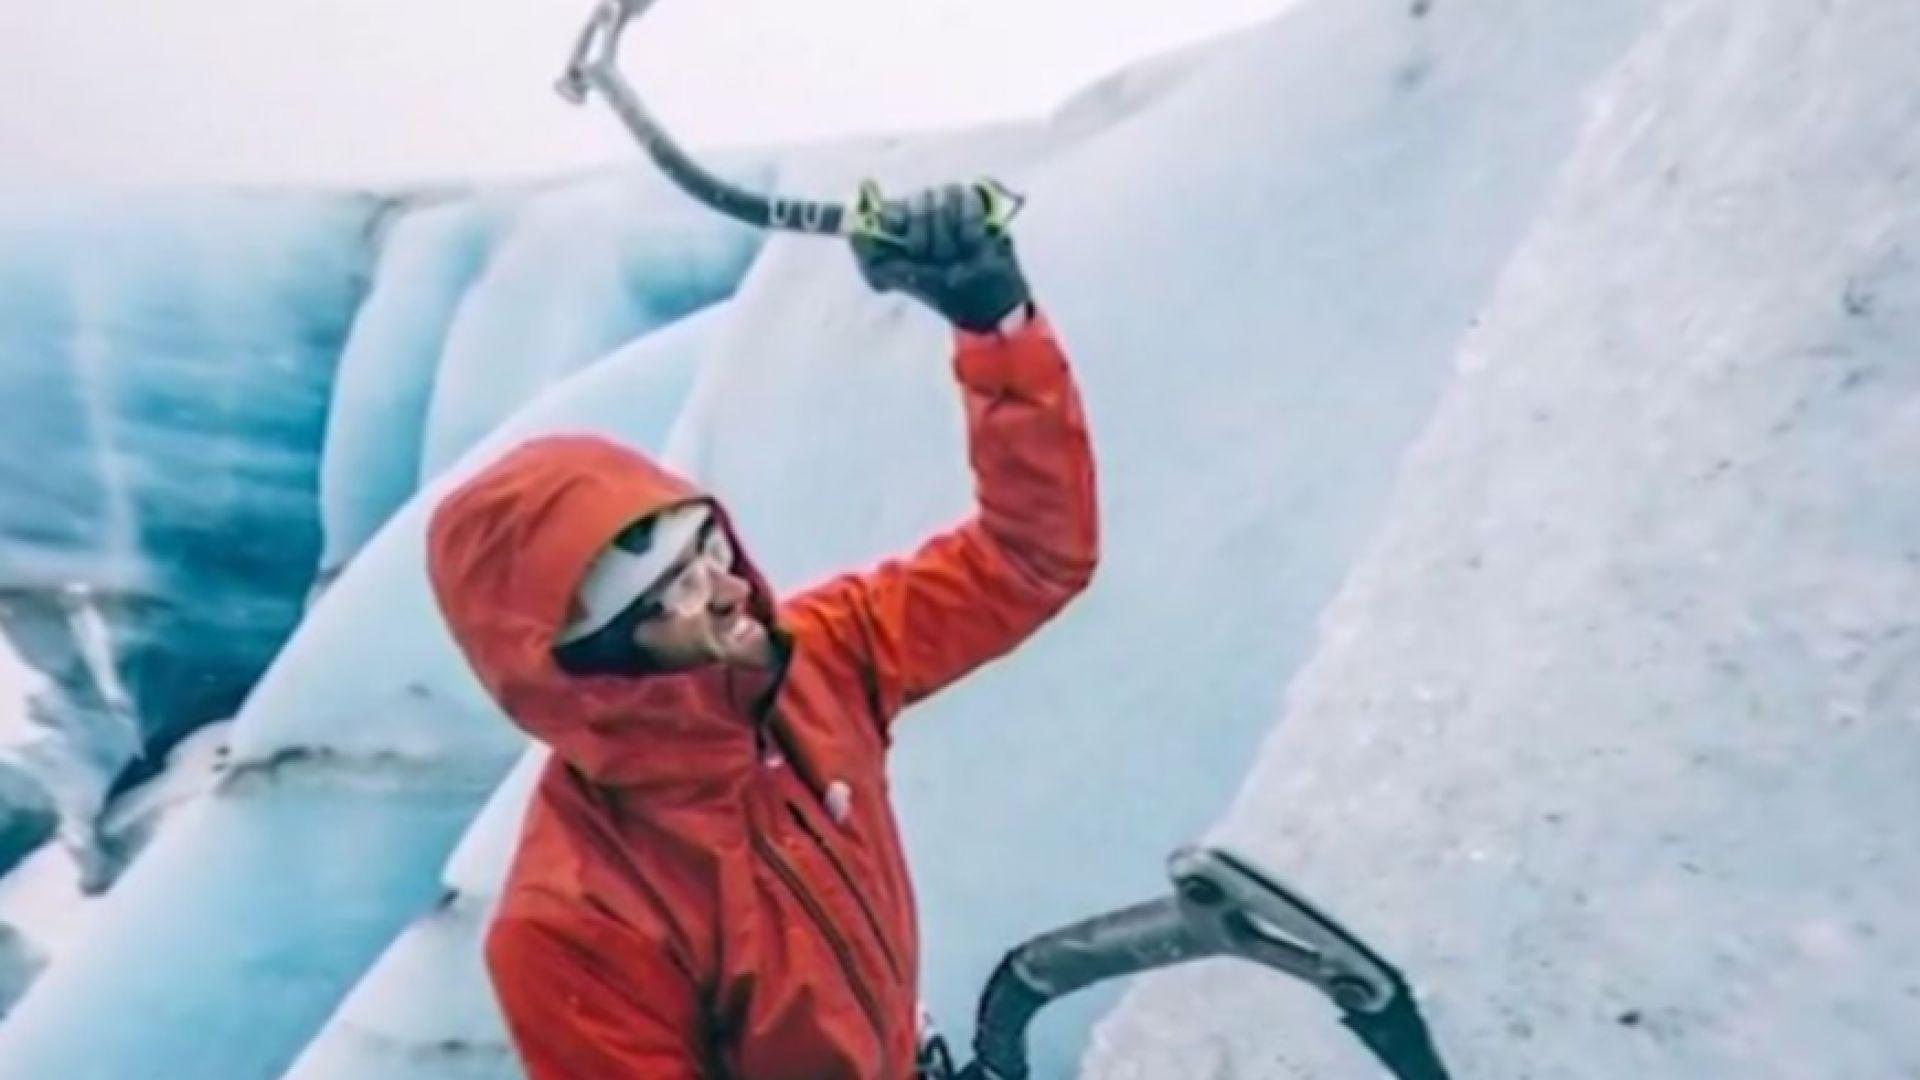 Трима алпинисти са загинали в Канада заради лавина